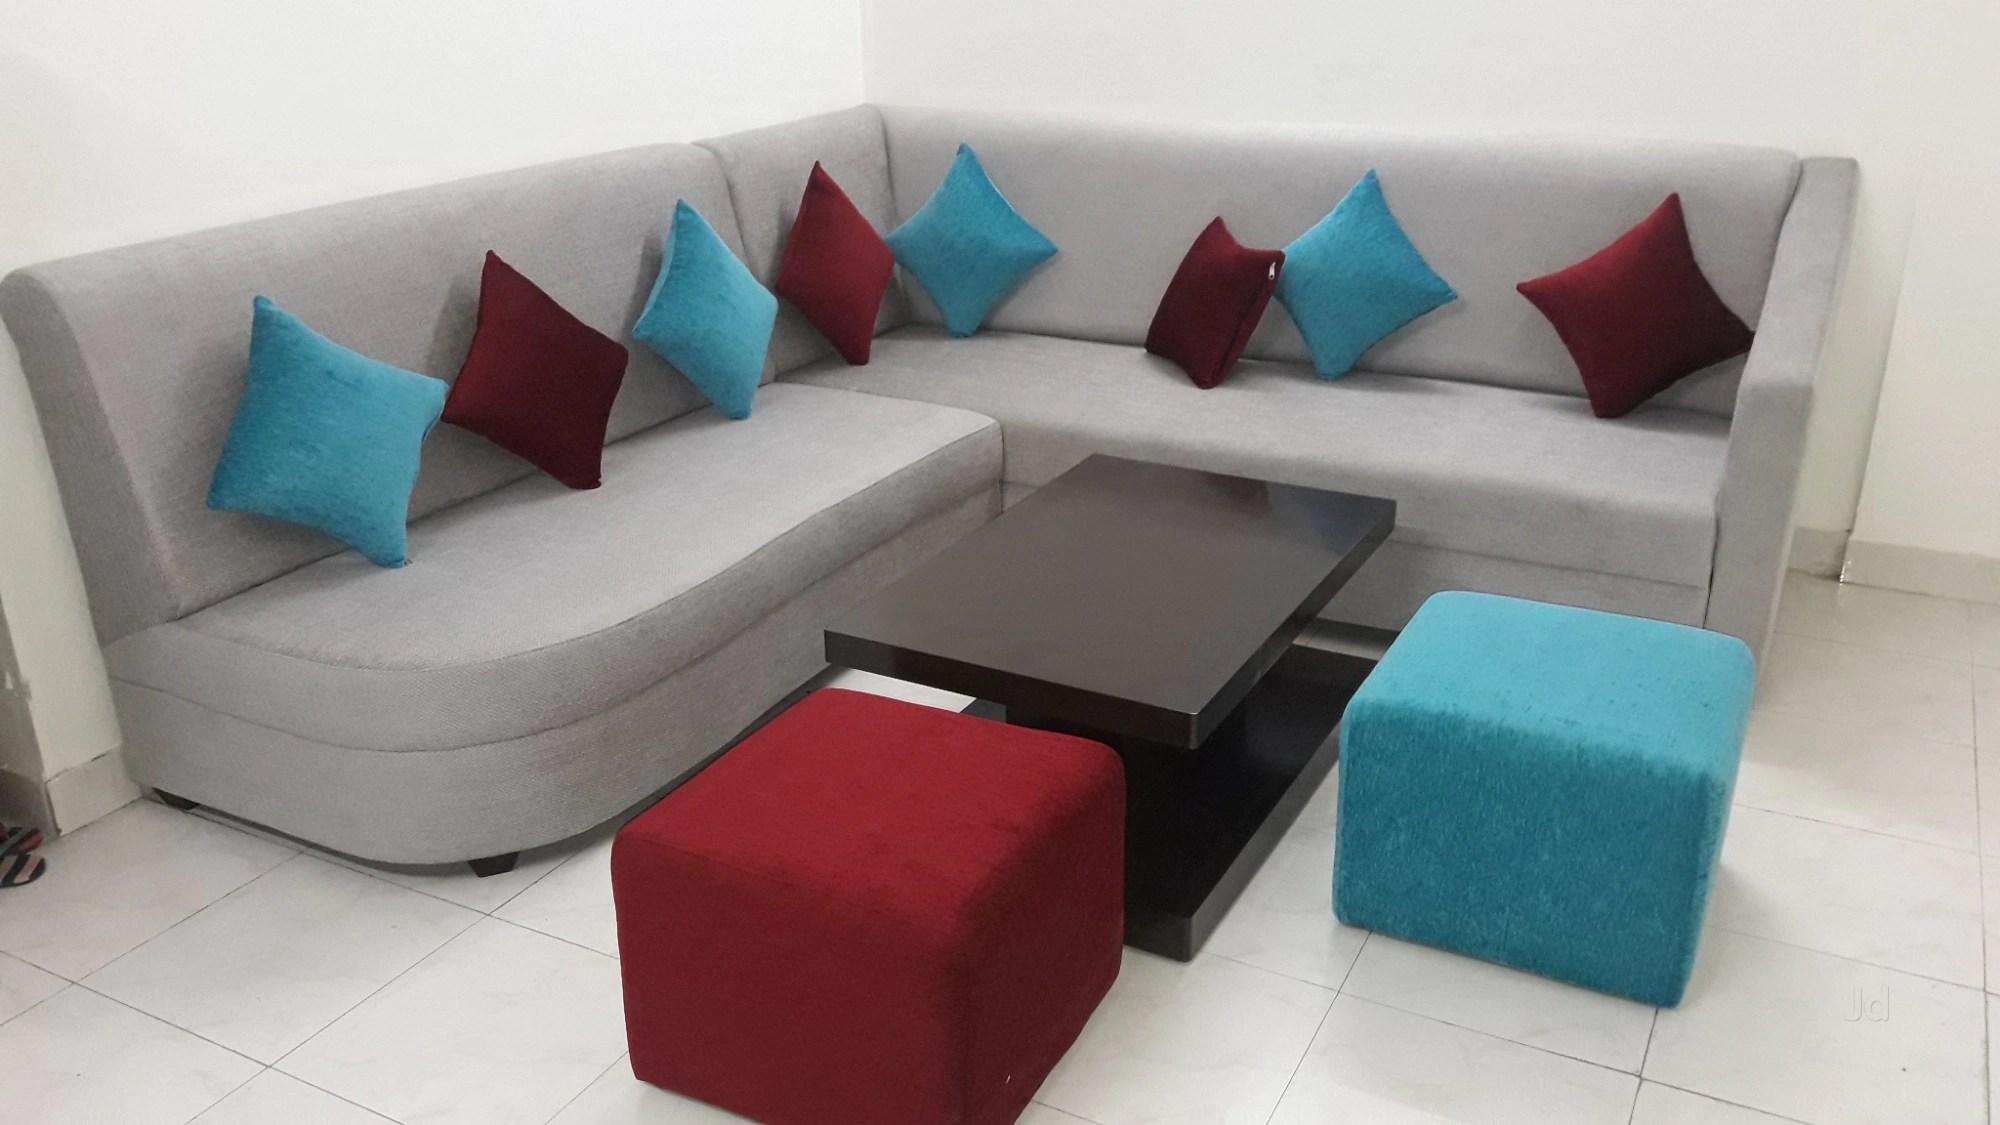 sofa materials bangalore chesterfield corner set fabric change chennai metro pozhal repair